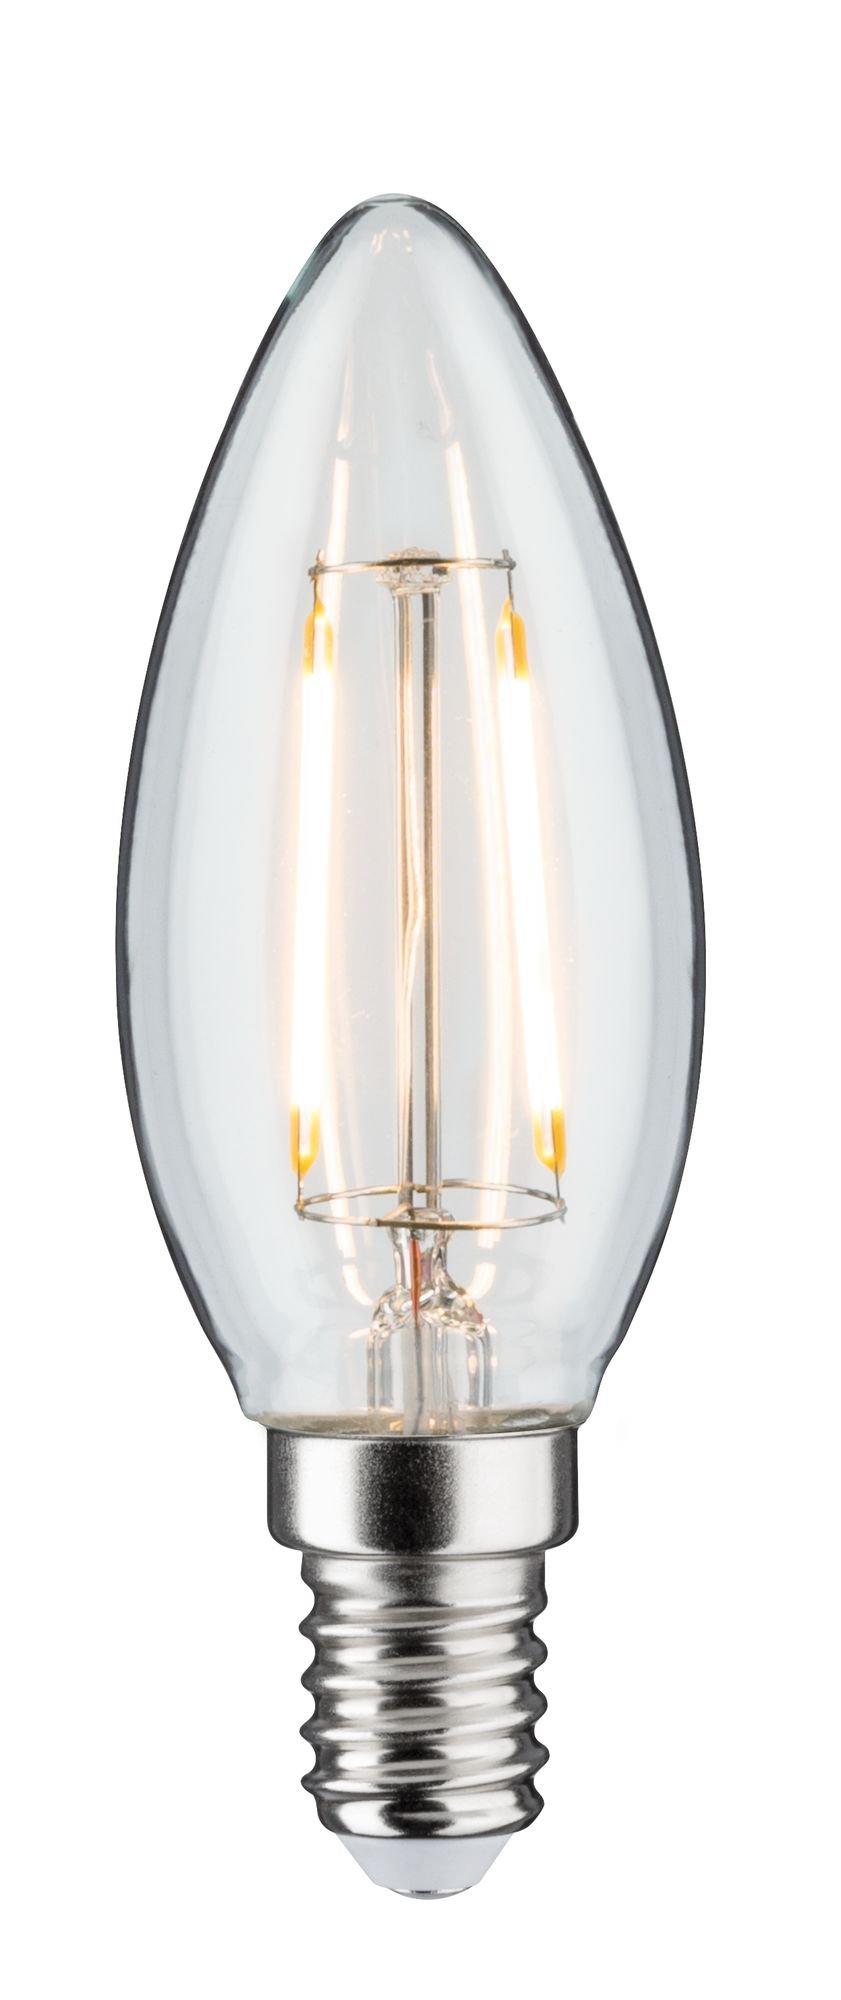 LED Kerze Filament E14 DC 24V 160lm 2W 3000K Klar